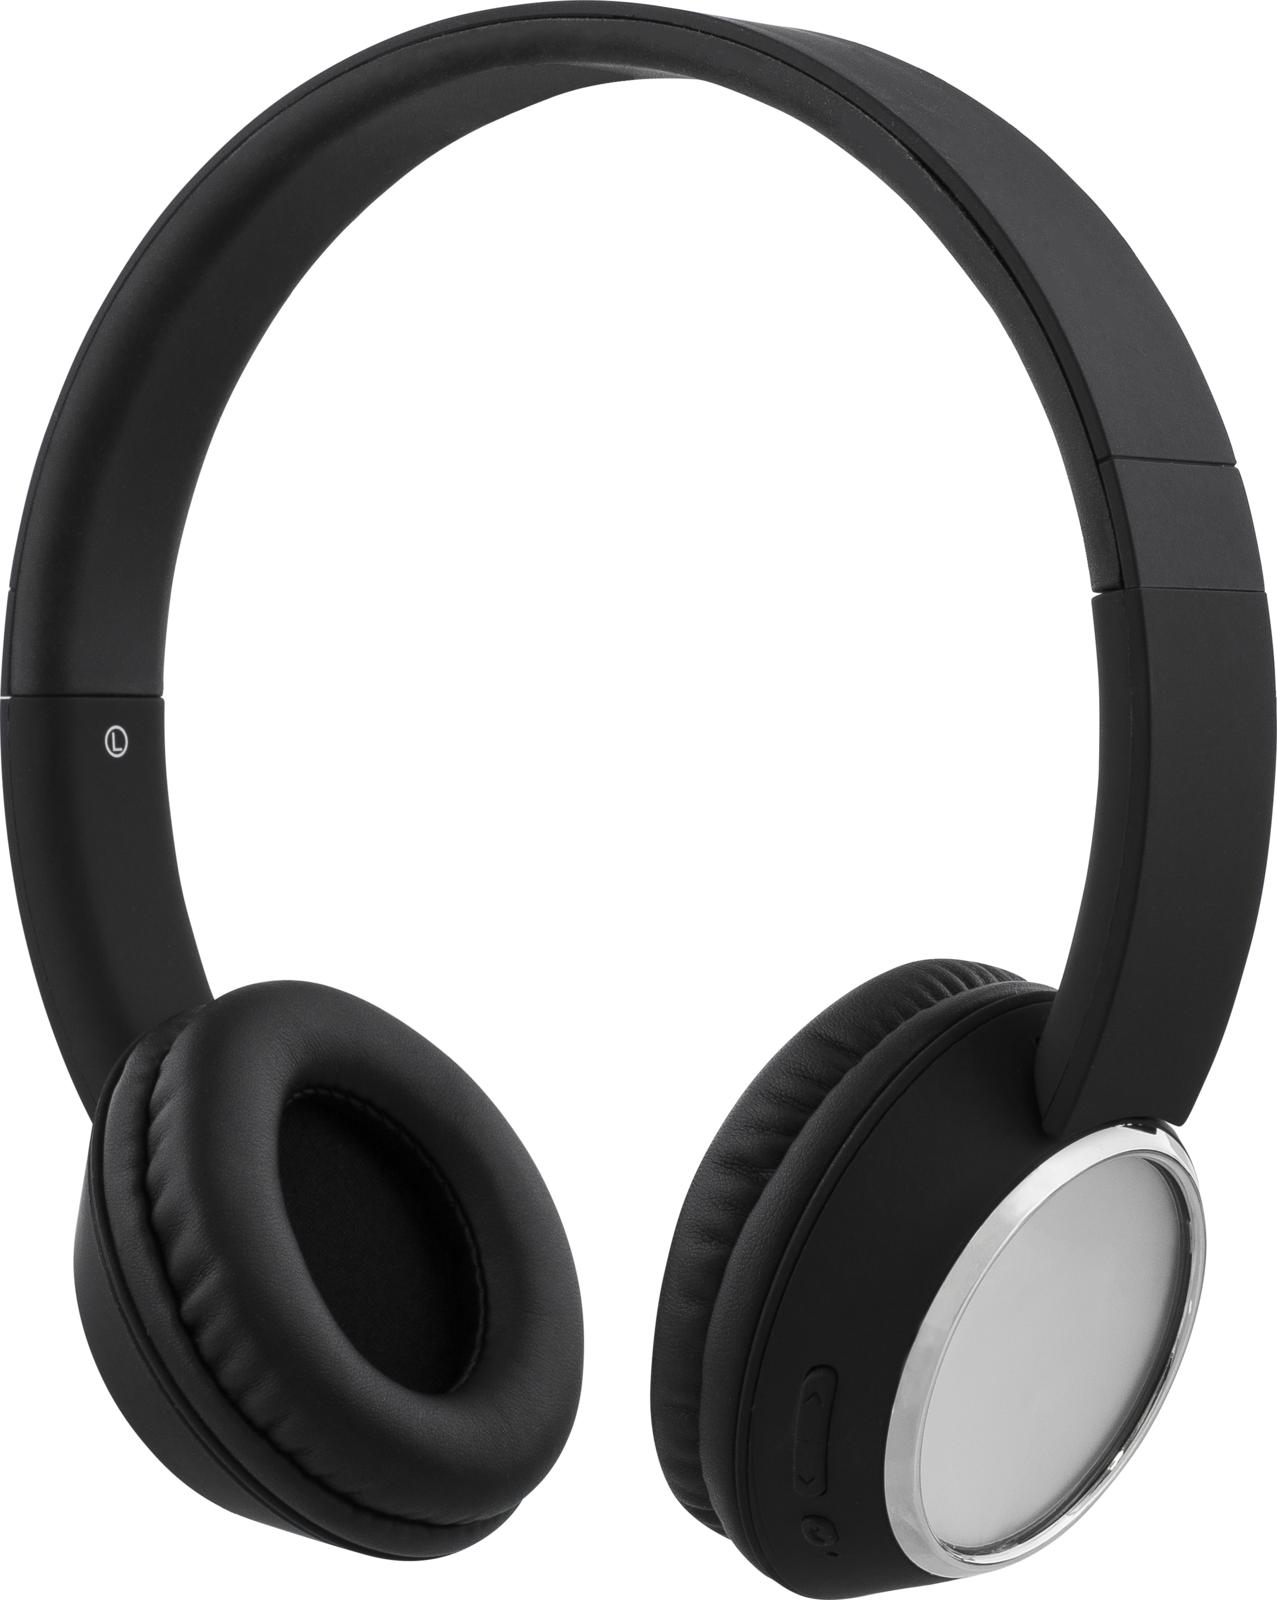 Köp Streetz On Ear Bluetooth Headset - iPhonebutiken.se f43d5a916b971